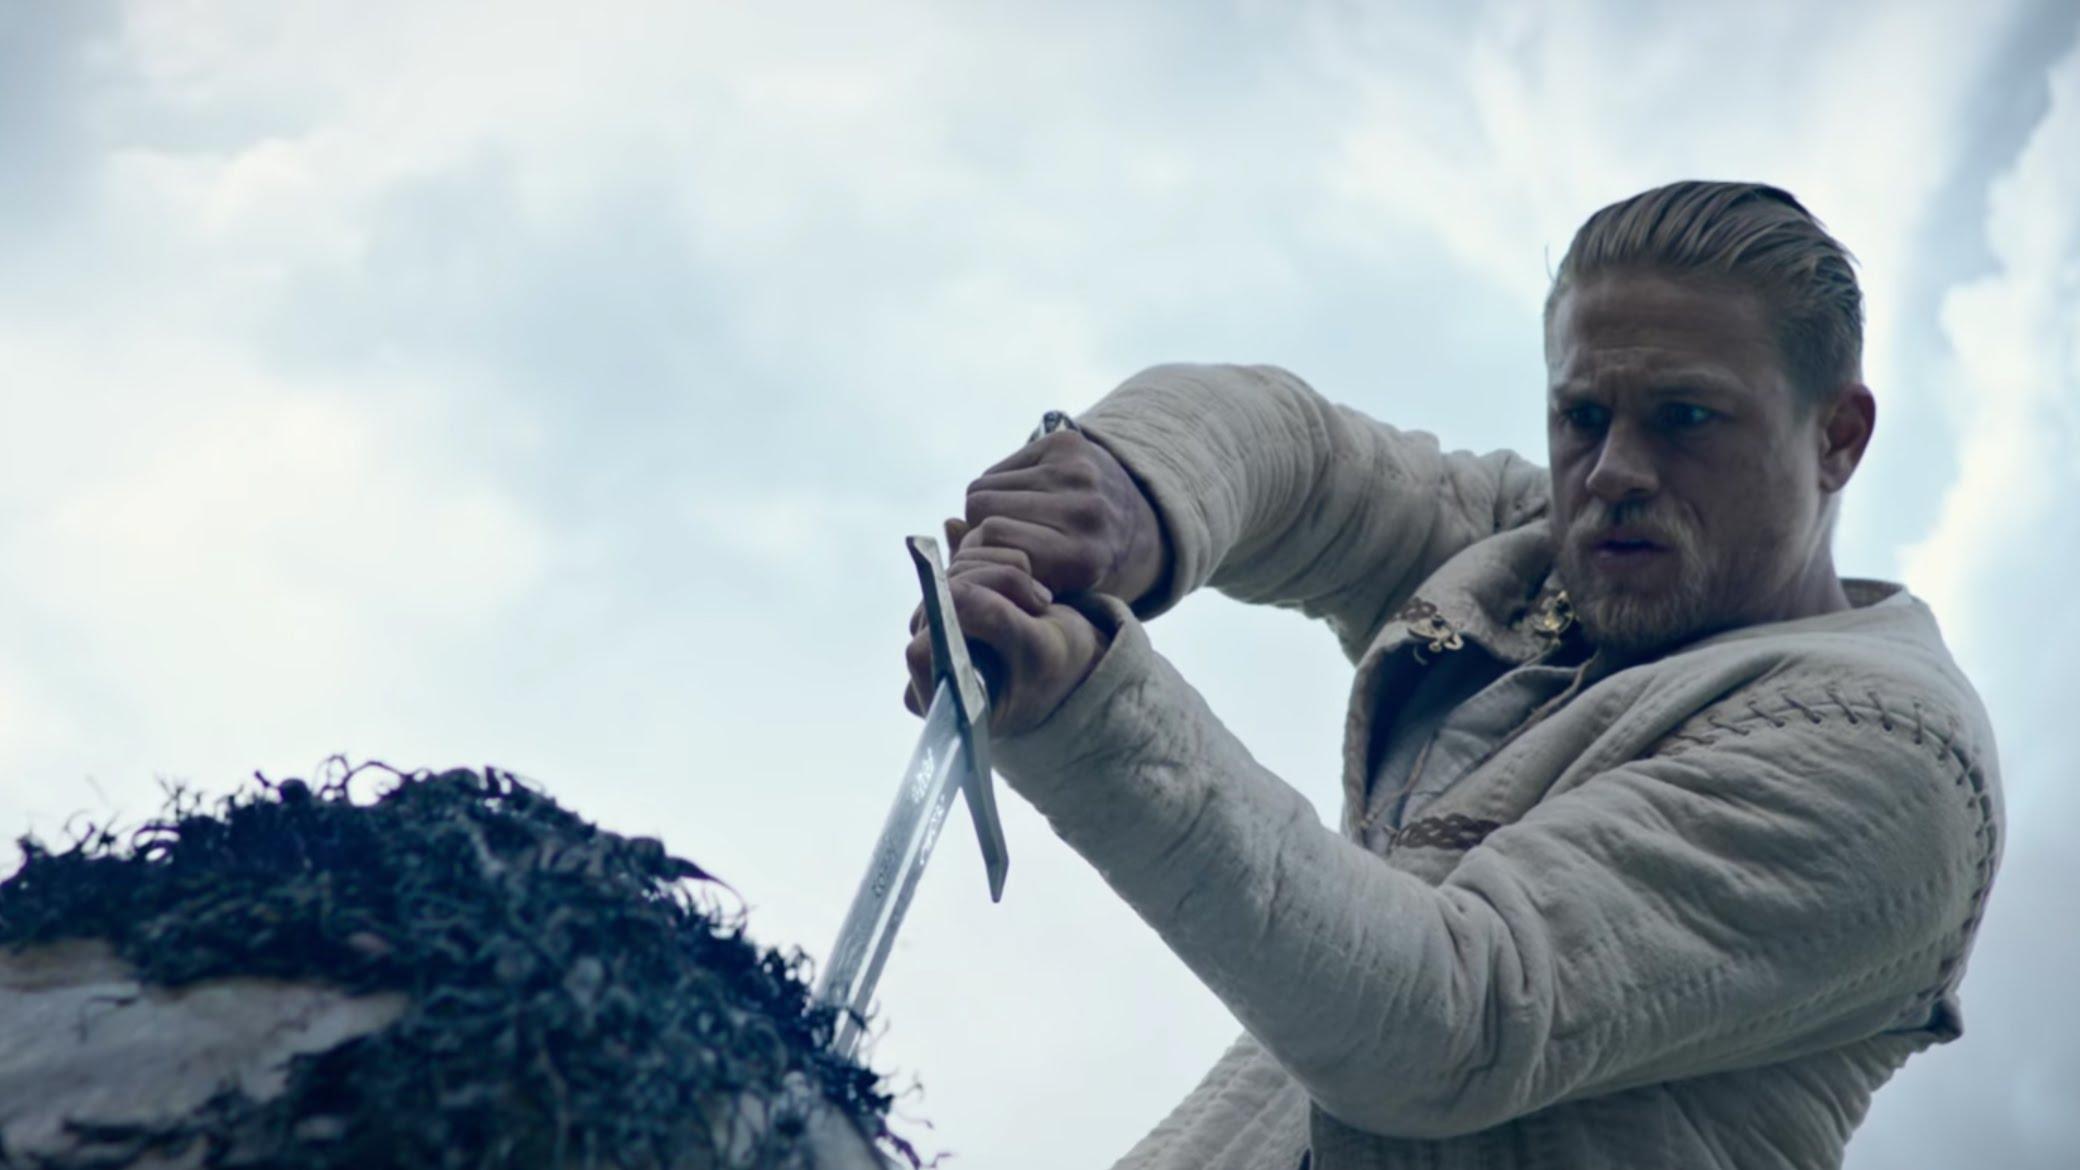 Крал Артур: Легенда за меча (2017) трейлър с български субтитри